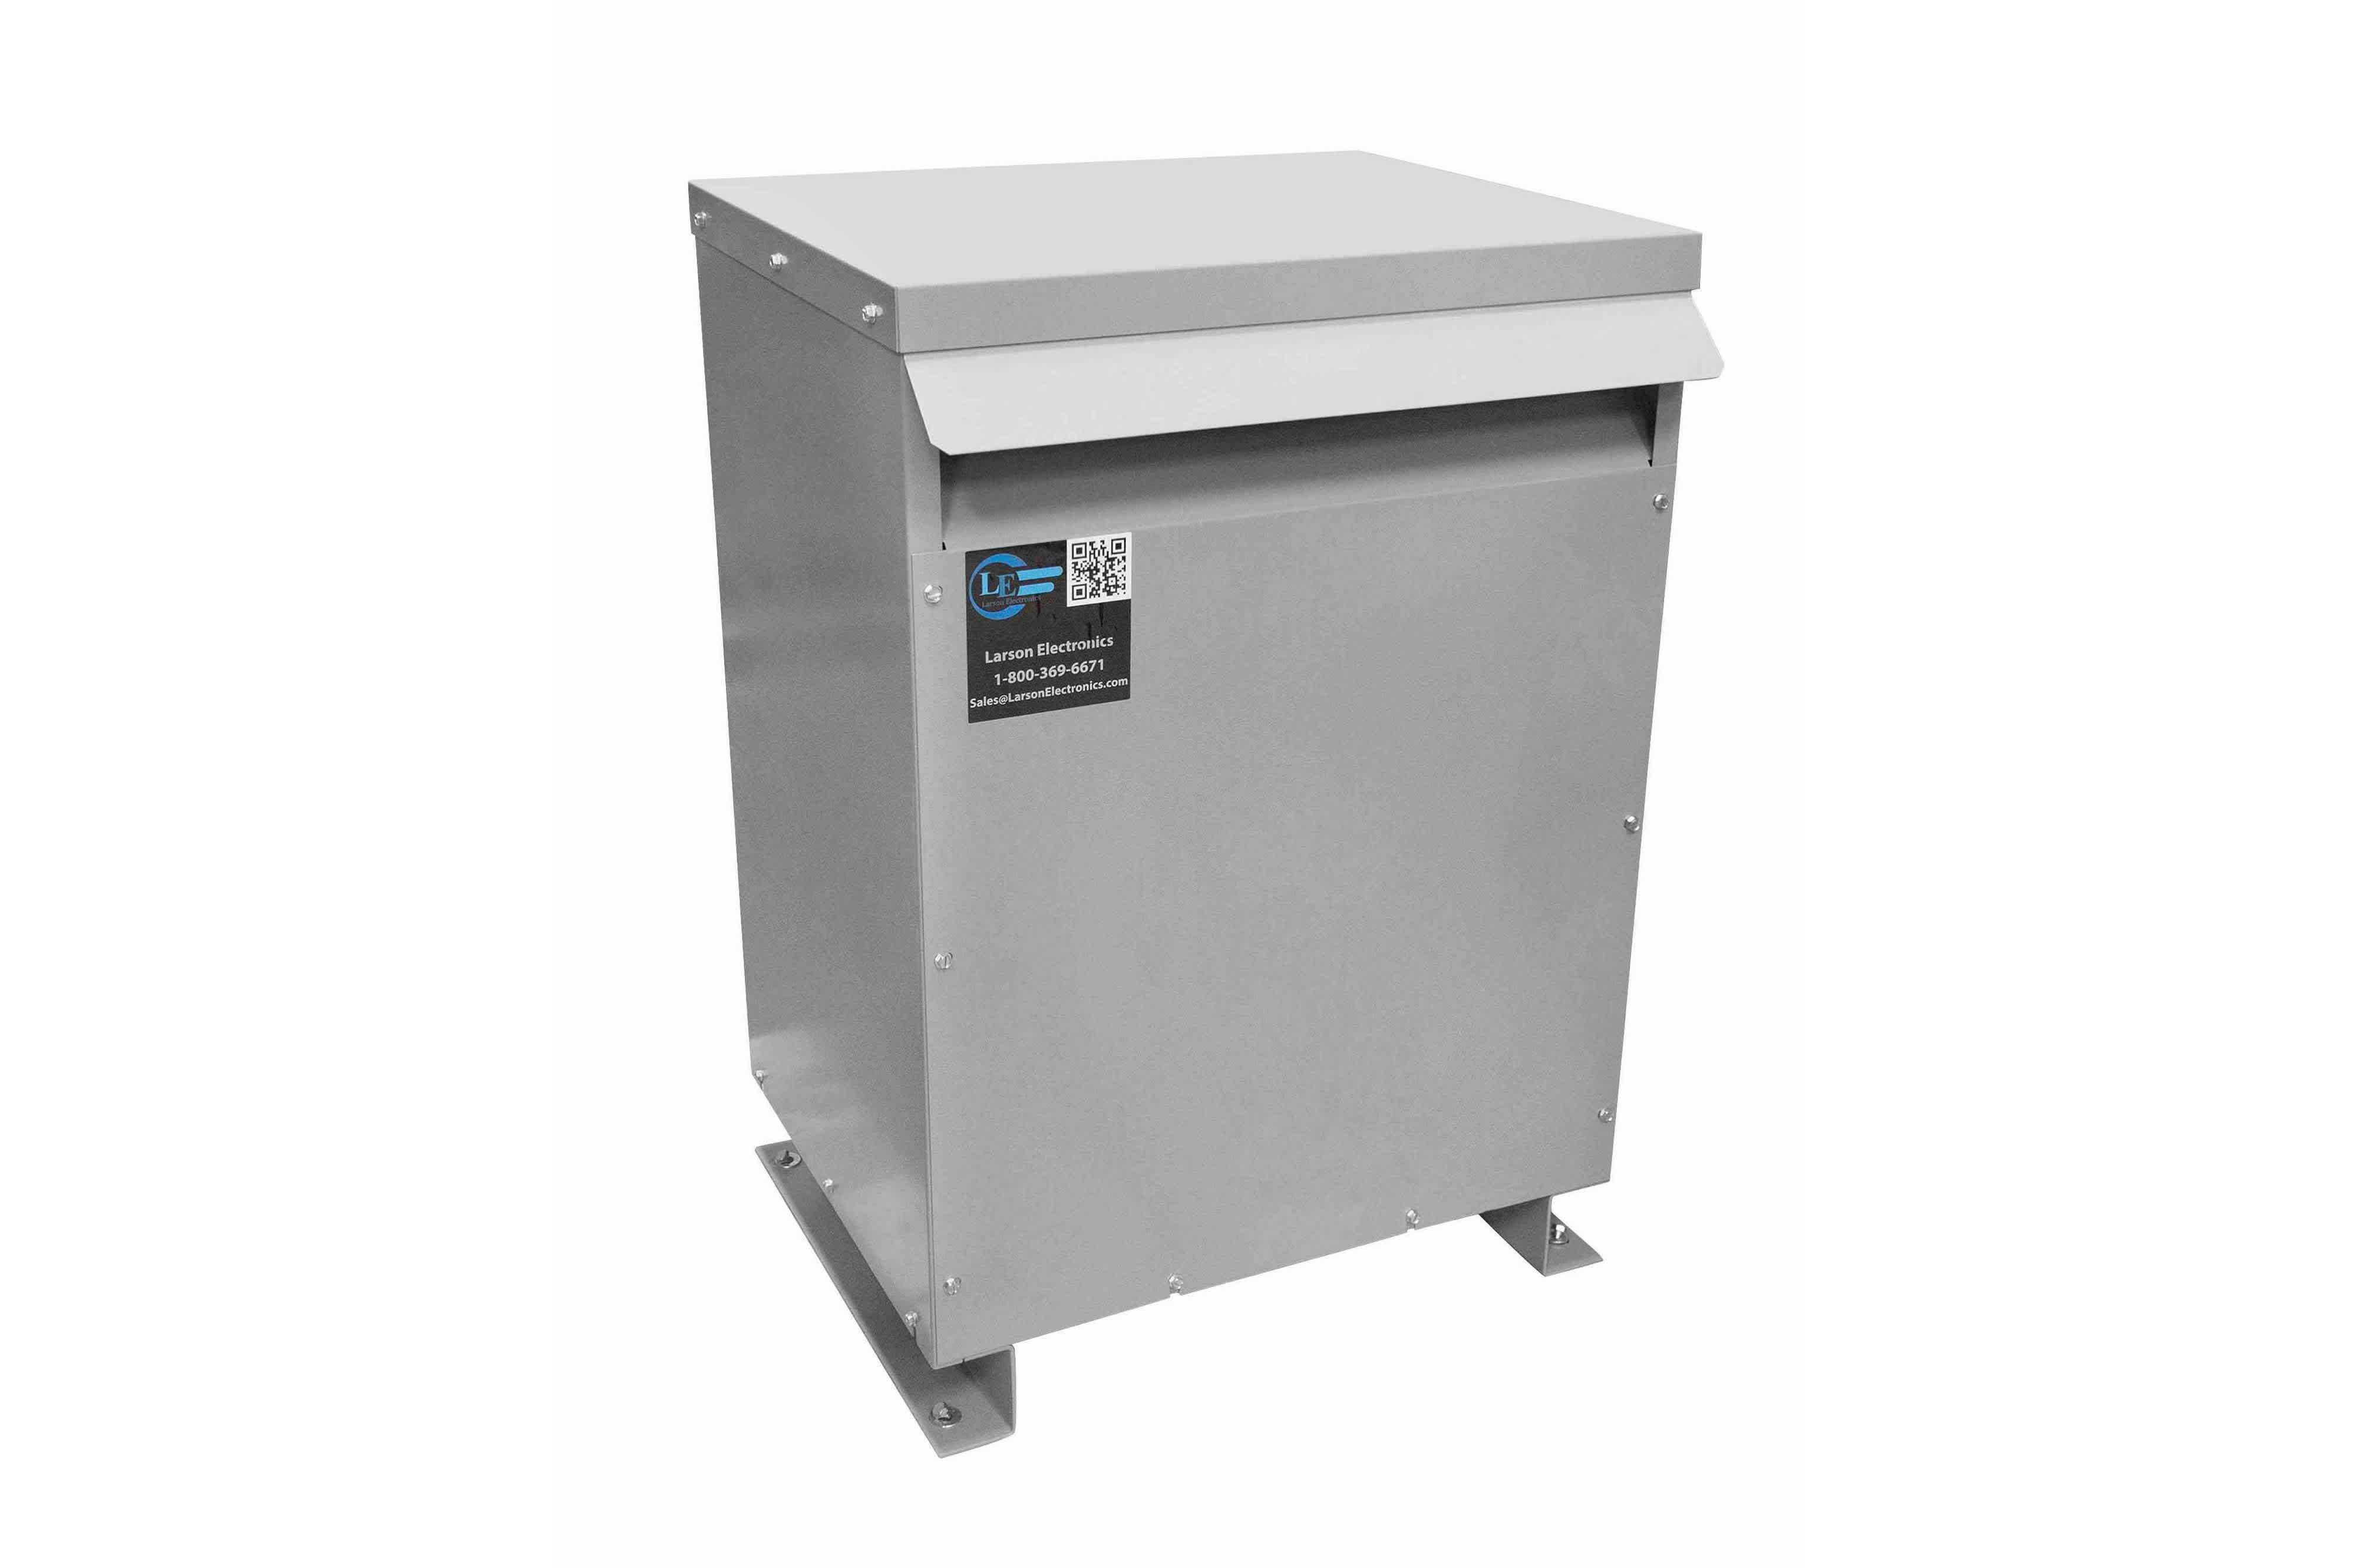 28 kVA 3PH Isolation Transformer, 460V Delta Primary, 415V Delta Secondary, N3R, Ventilated, 60 Hz